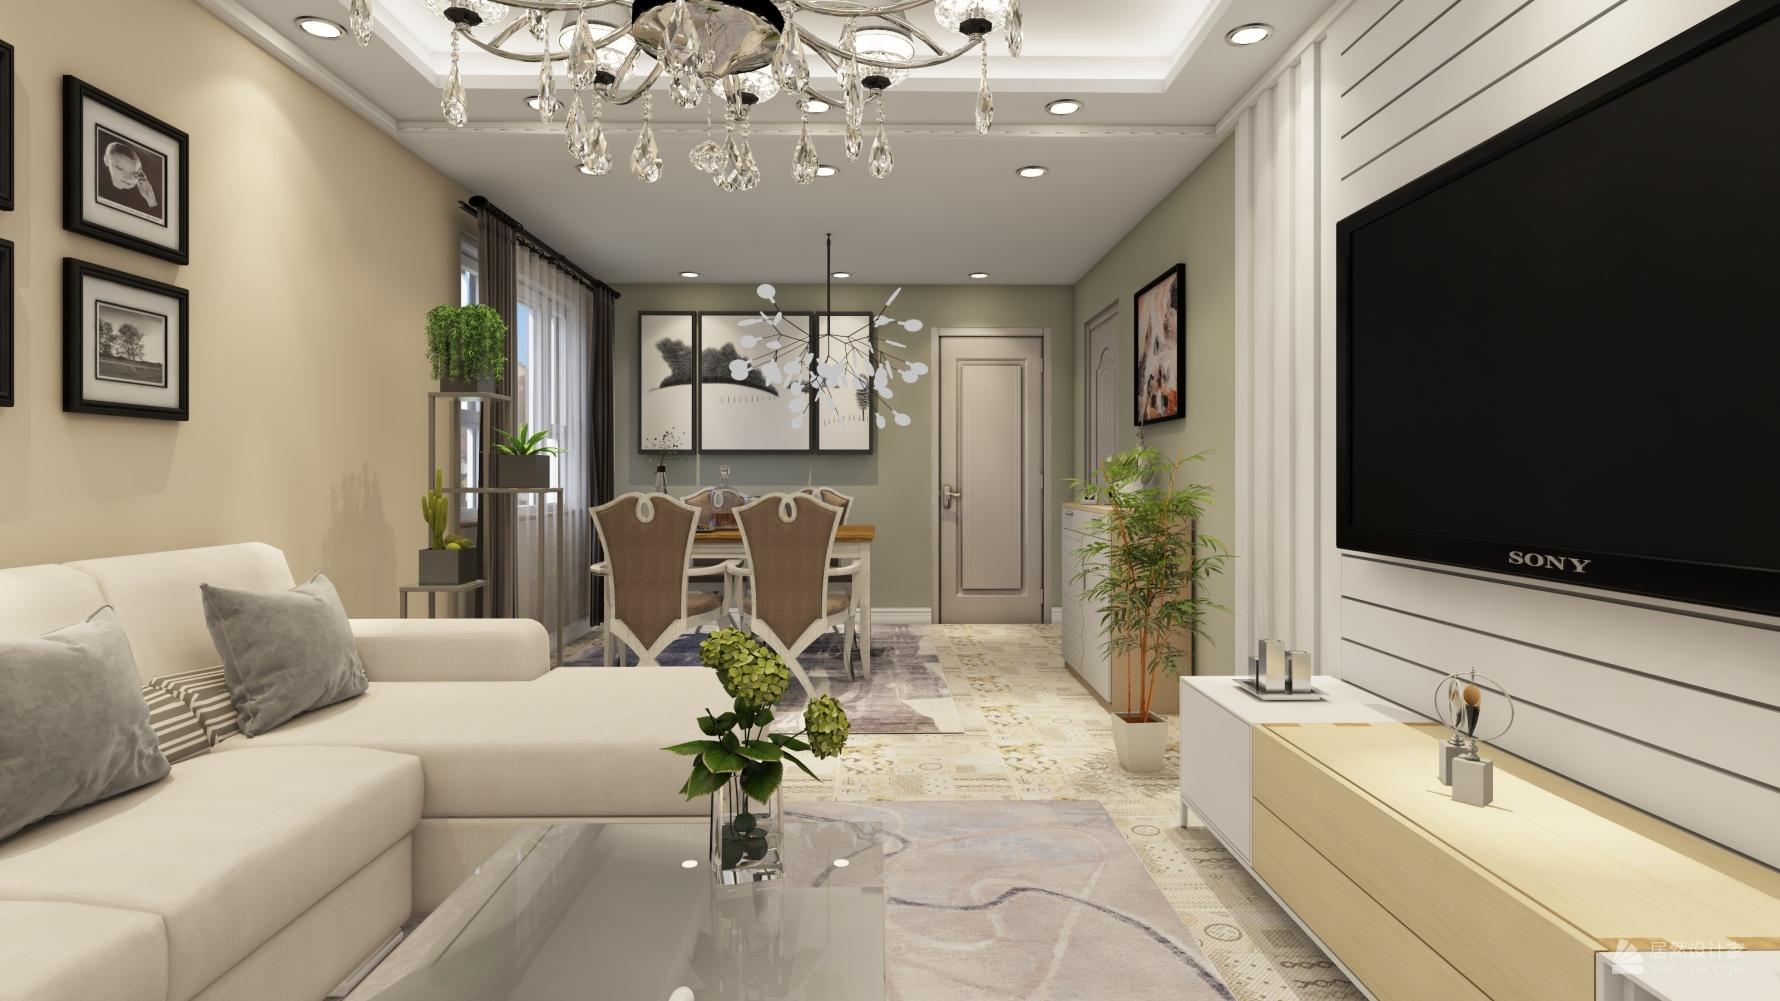 混搭风格一室两厅装修设计效果图